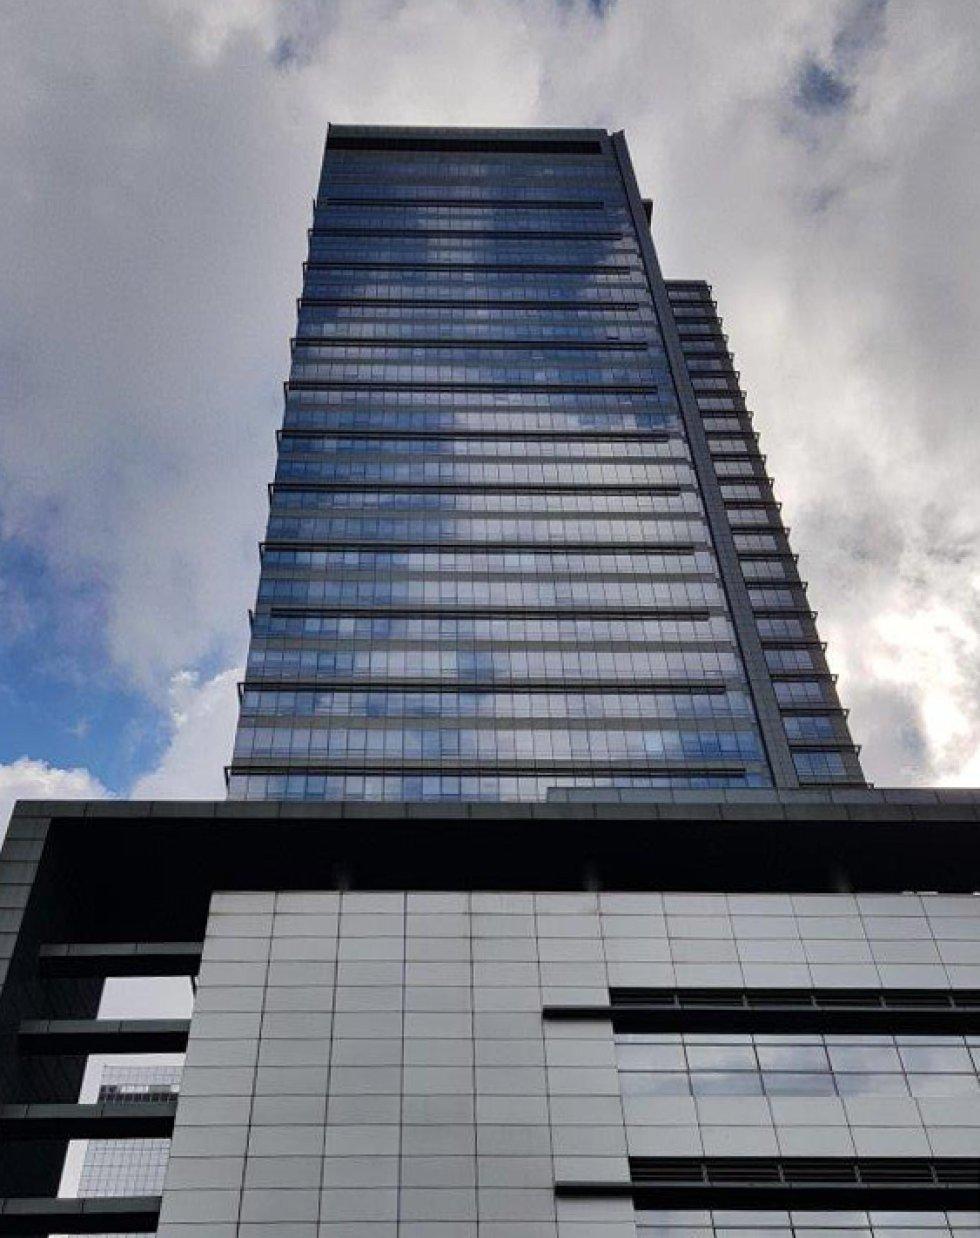 Uno de los edificios centrales del campus de Suwon, el más antiguo del imperio de Samsung, nacido de una empresa de alimentación y textil en 1938 y en uno de los países más pobres del mundo. Este campus alberga 35.000 de los 320.671 trabajadores repartidos por 73 naciones. Los 11.680 millones de euros invertidos el pasado año en investigación han generado 194.512 millones de euros en ingresos. Solo en España, el beneficio después de impuestos ascendió a 29,09 millones (8,1% más que el año anterior). Corea del Sur se encuentra hoy entre los 15 países más ricos del planeta.